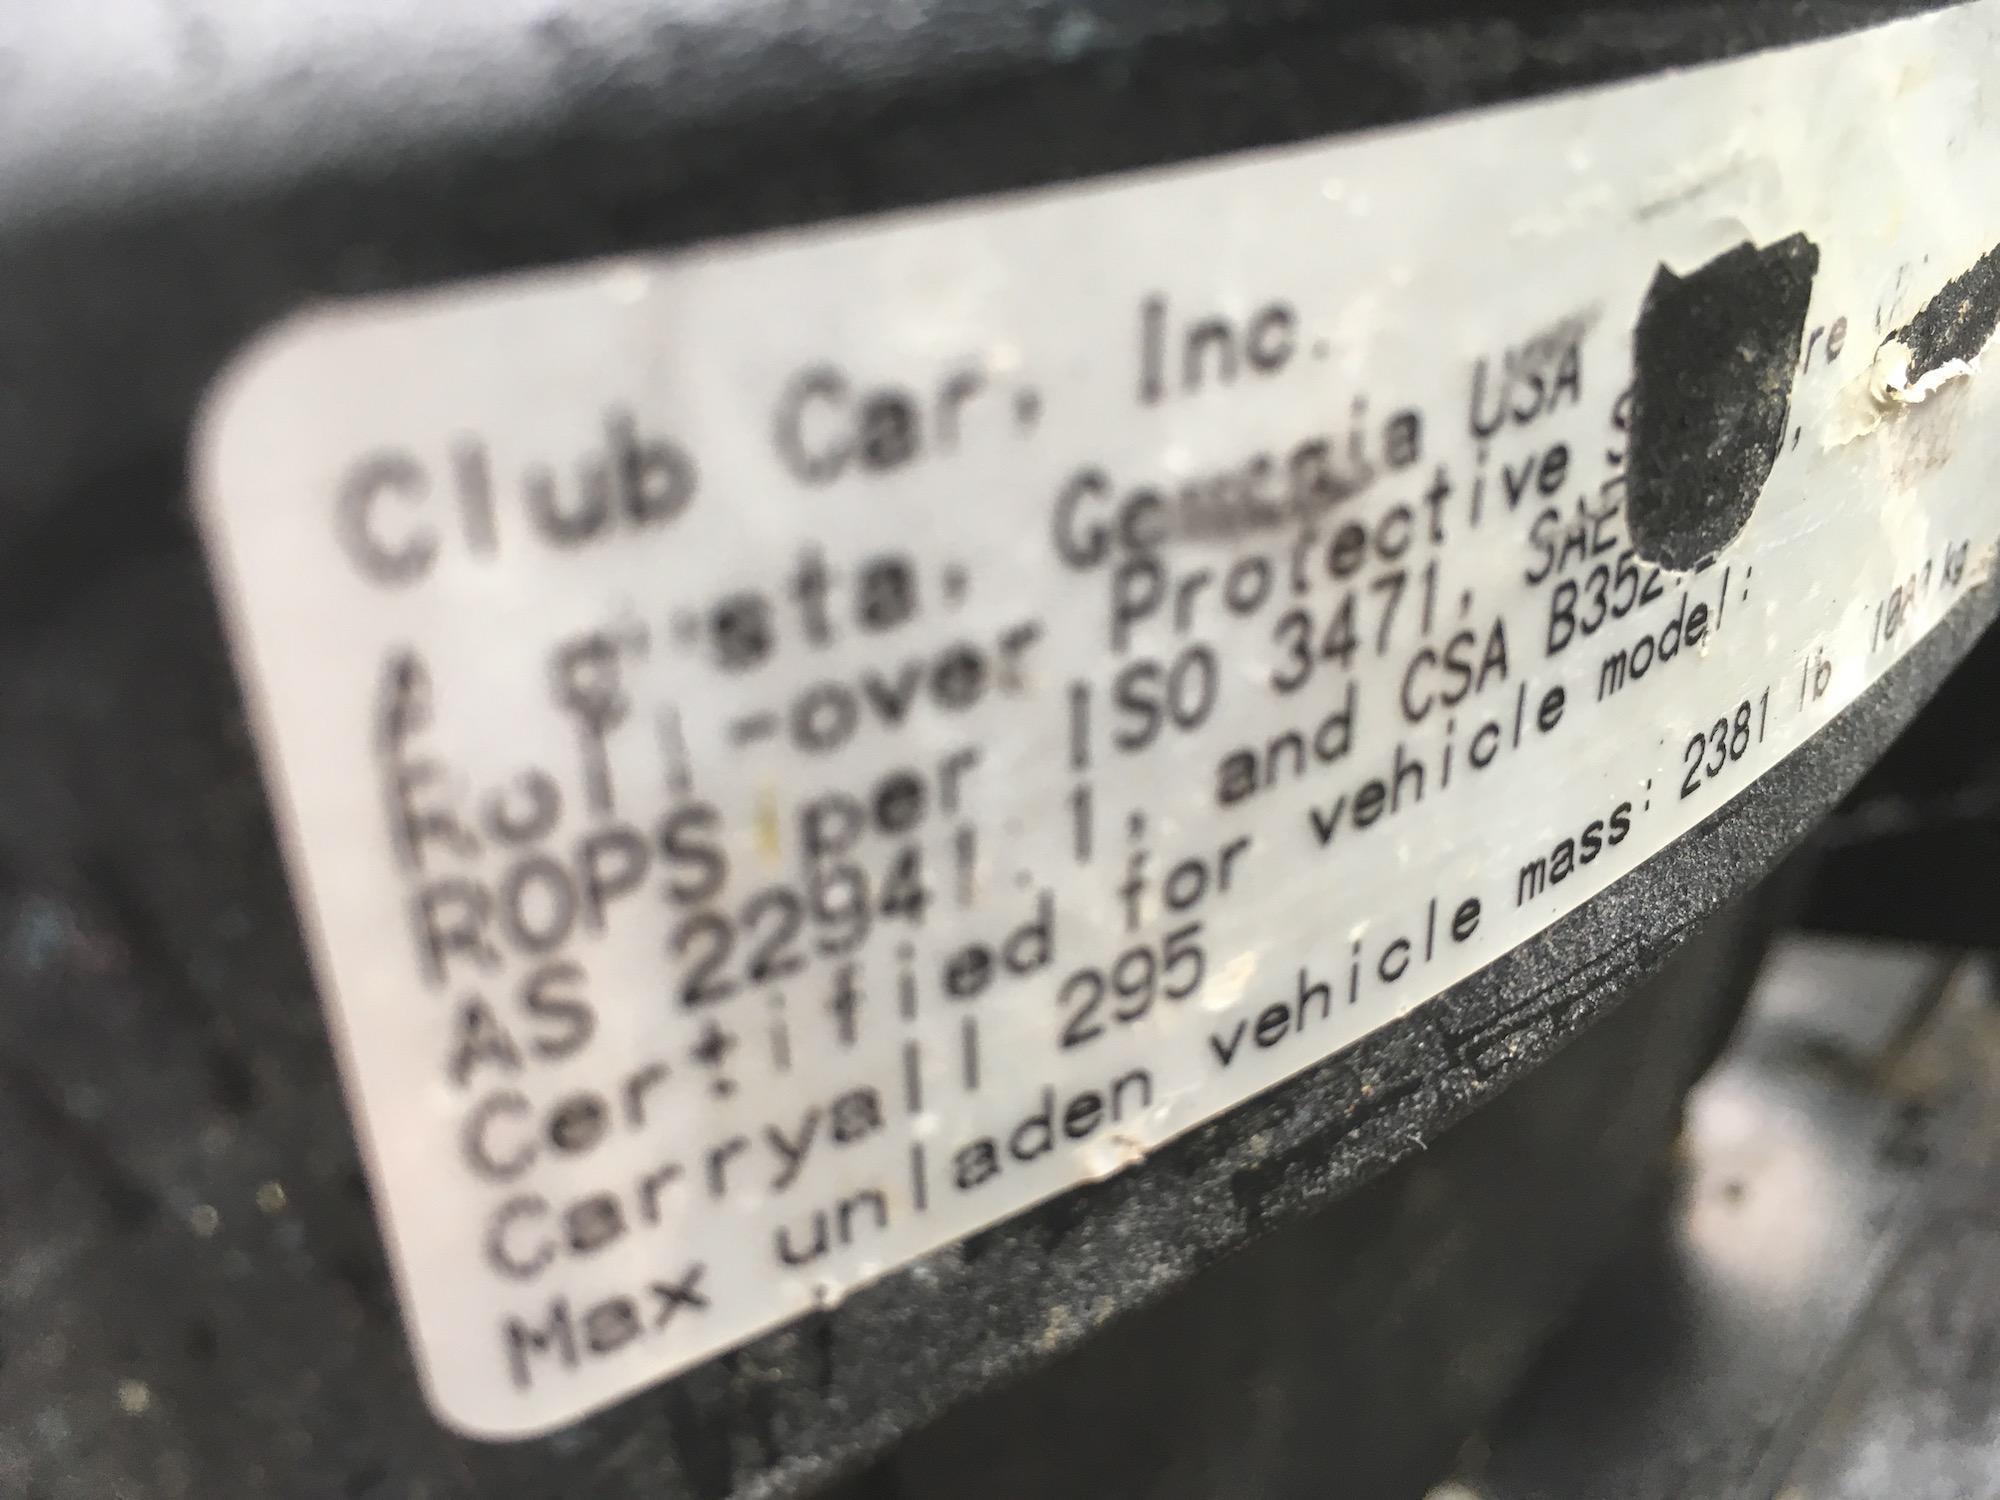 ClubCar-295-UtilityVehicle_08